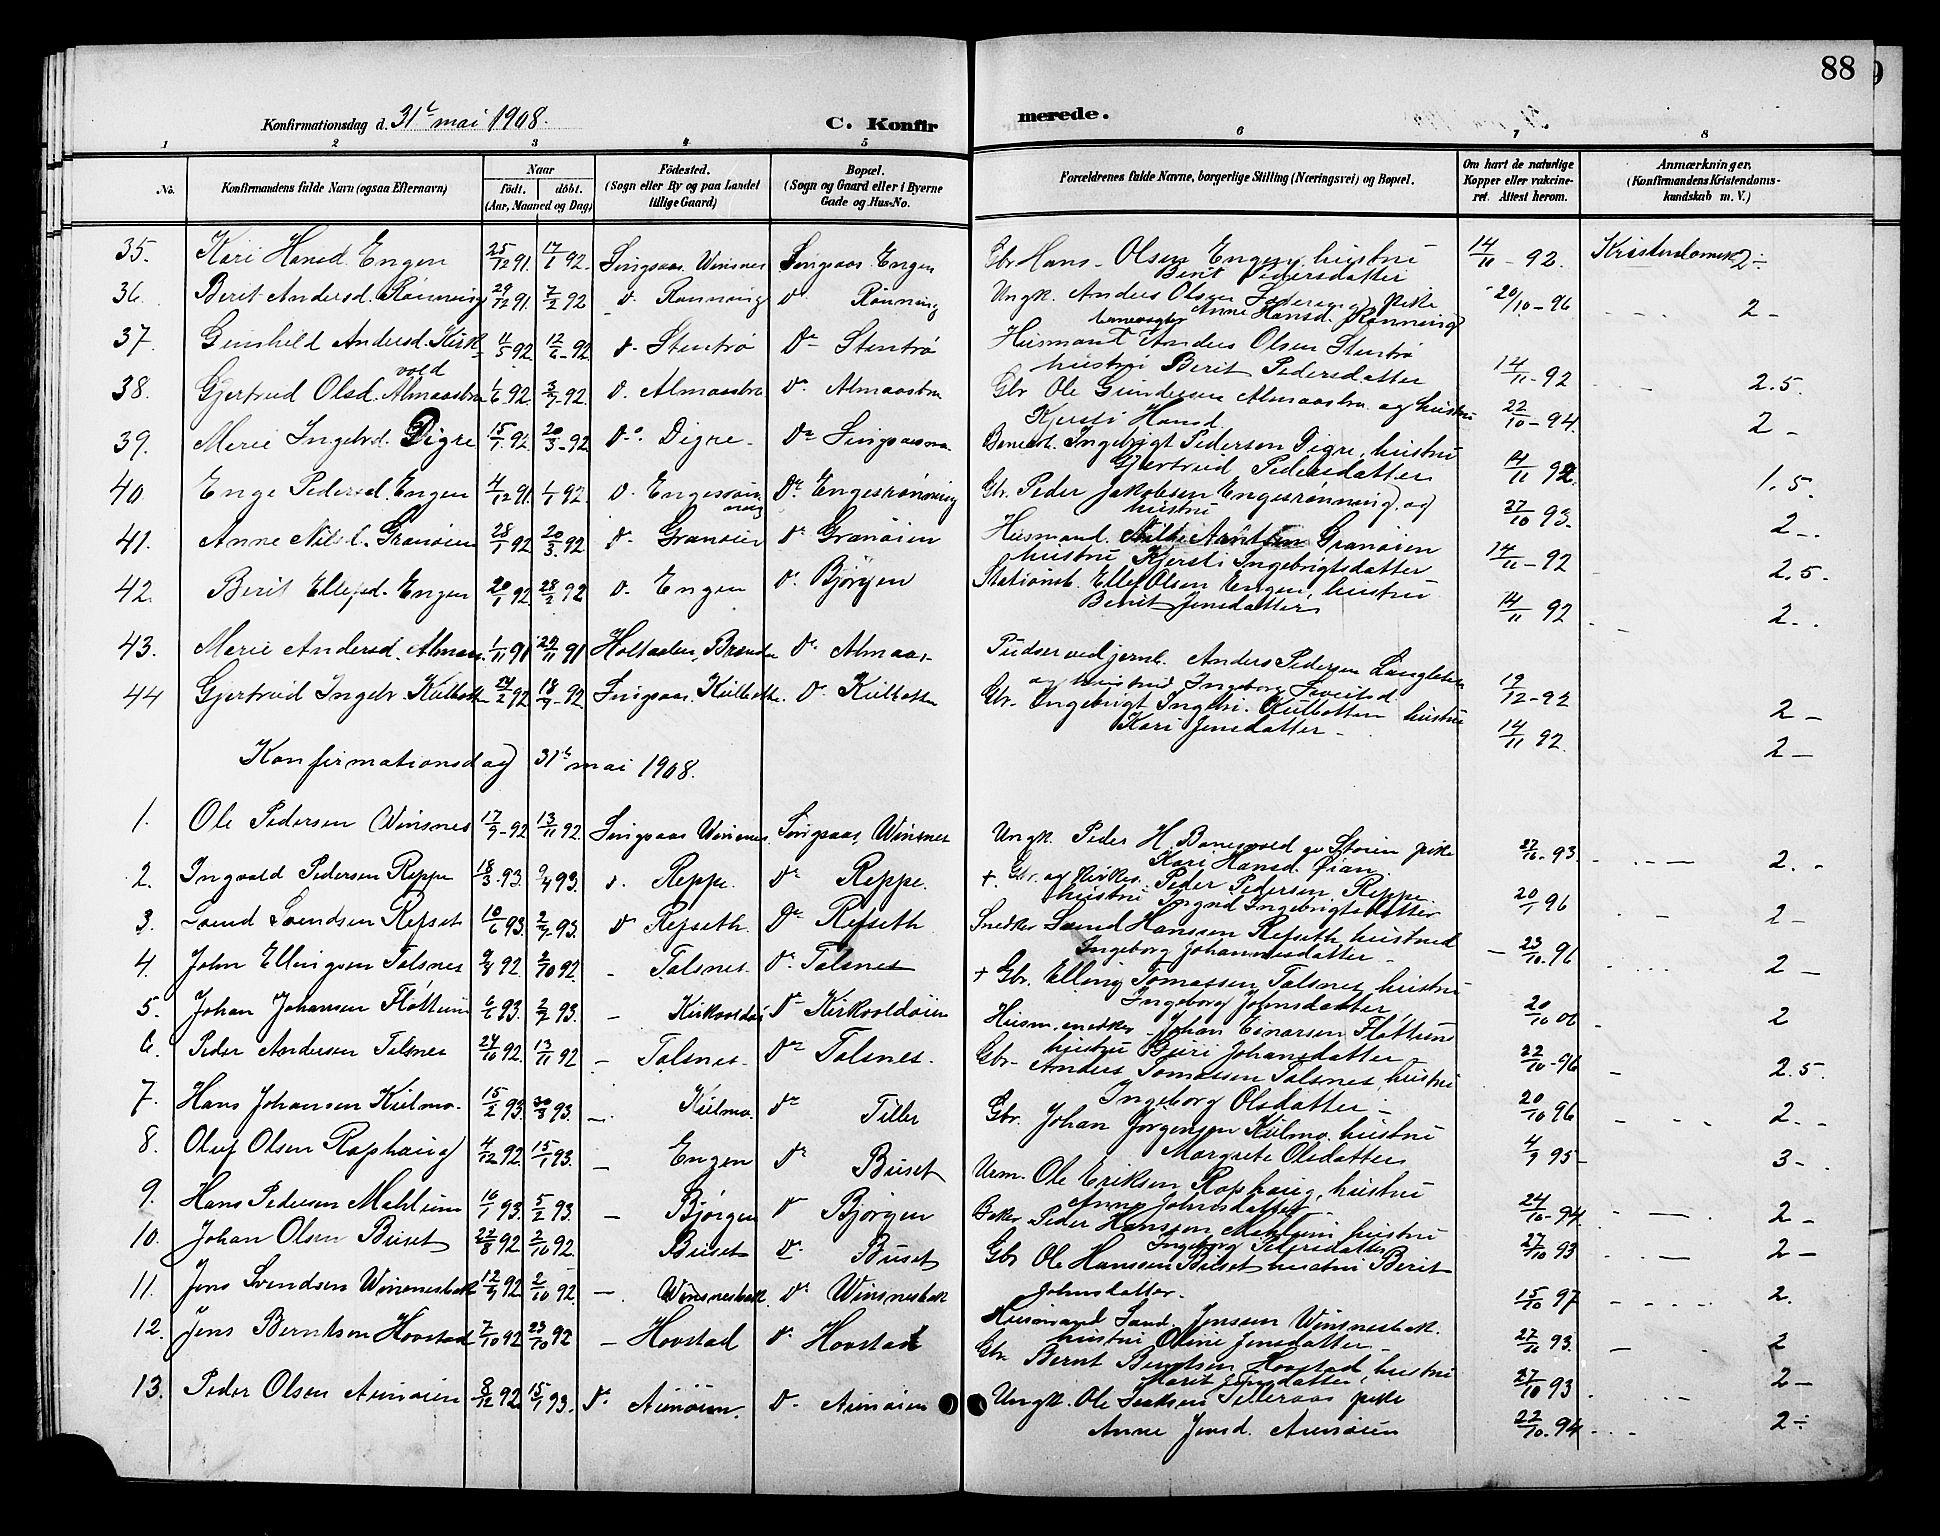 SAT, Ministerialprotokoller, klokkerbøker og fødselsregistre - Sør-Trøndelag, 688/L1029: Klokkerbok nr. 688C04, 1899-1915, s. 88